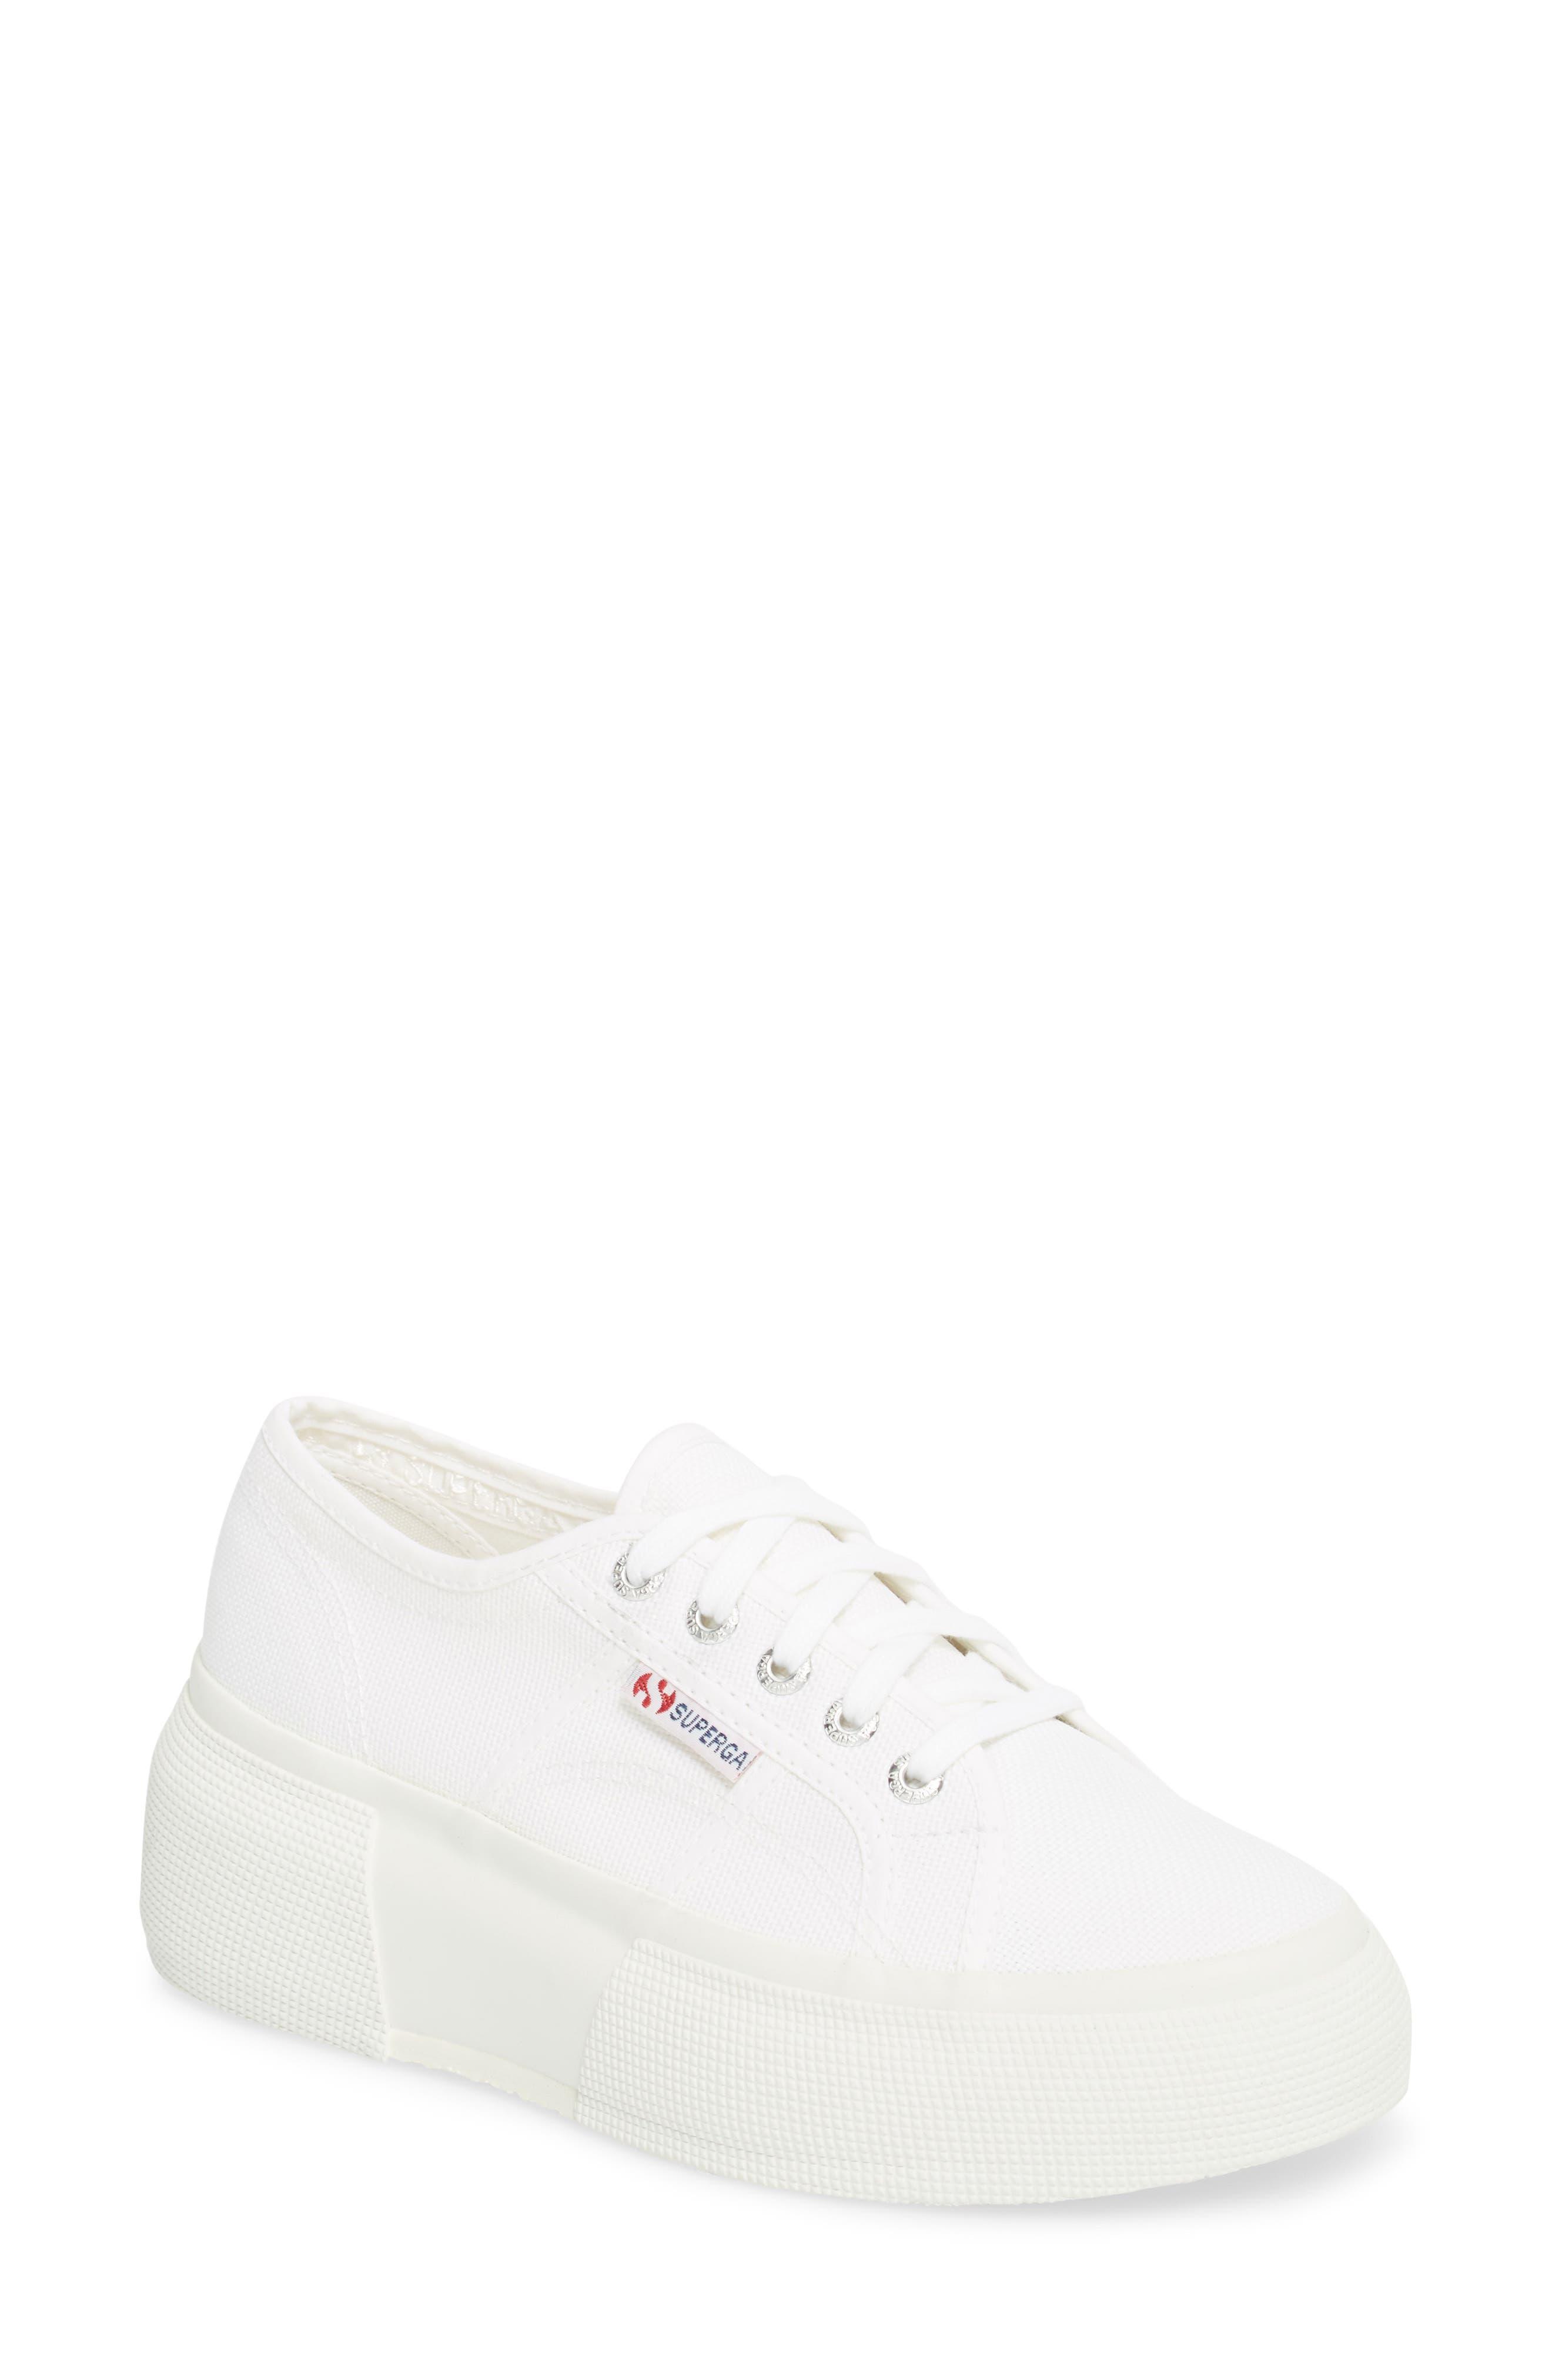 2287 Cotu Platform Sneaker,                         Main,                         color,